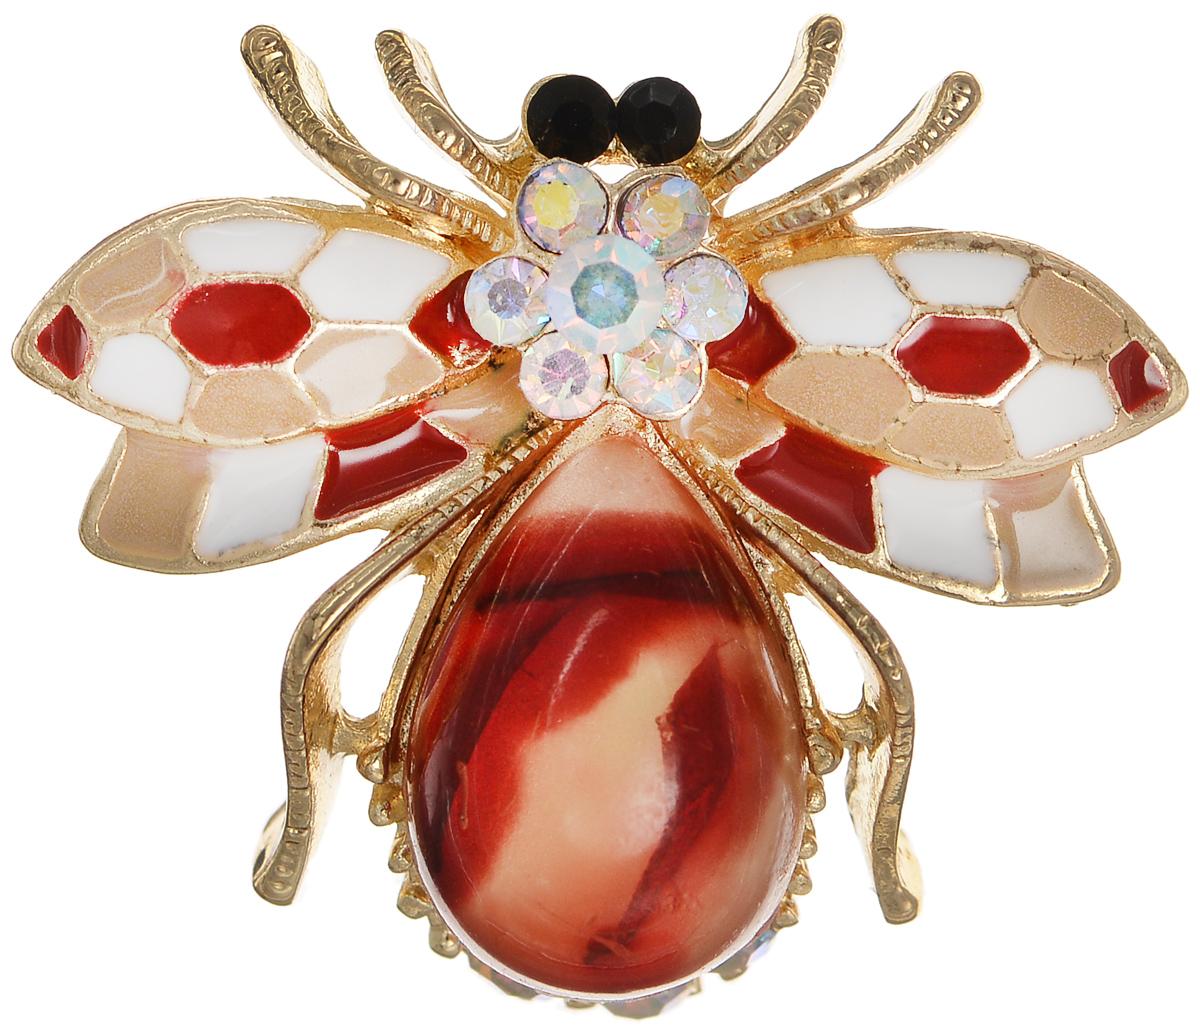 Брошь Selena Street Fashion, цвет: белый, золотистый, красный. 3002707030027070Оригинальная брошь Selena Street Fashion изготовлена из латуни с золотистым покрытием. Брошь, выполненная в виде насекомого, дополнена кристаллами Preciosa, вставкой из ювелирной смолы и покрыта эмалью. Изделие крепится с помощью замка-булавки. Такая брошь позволит вам с легкостью воплотить самую смелую фантазию и создать собственный неповторимый образ.